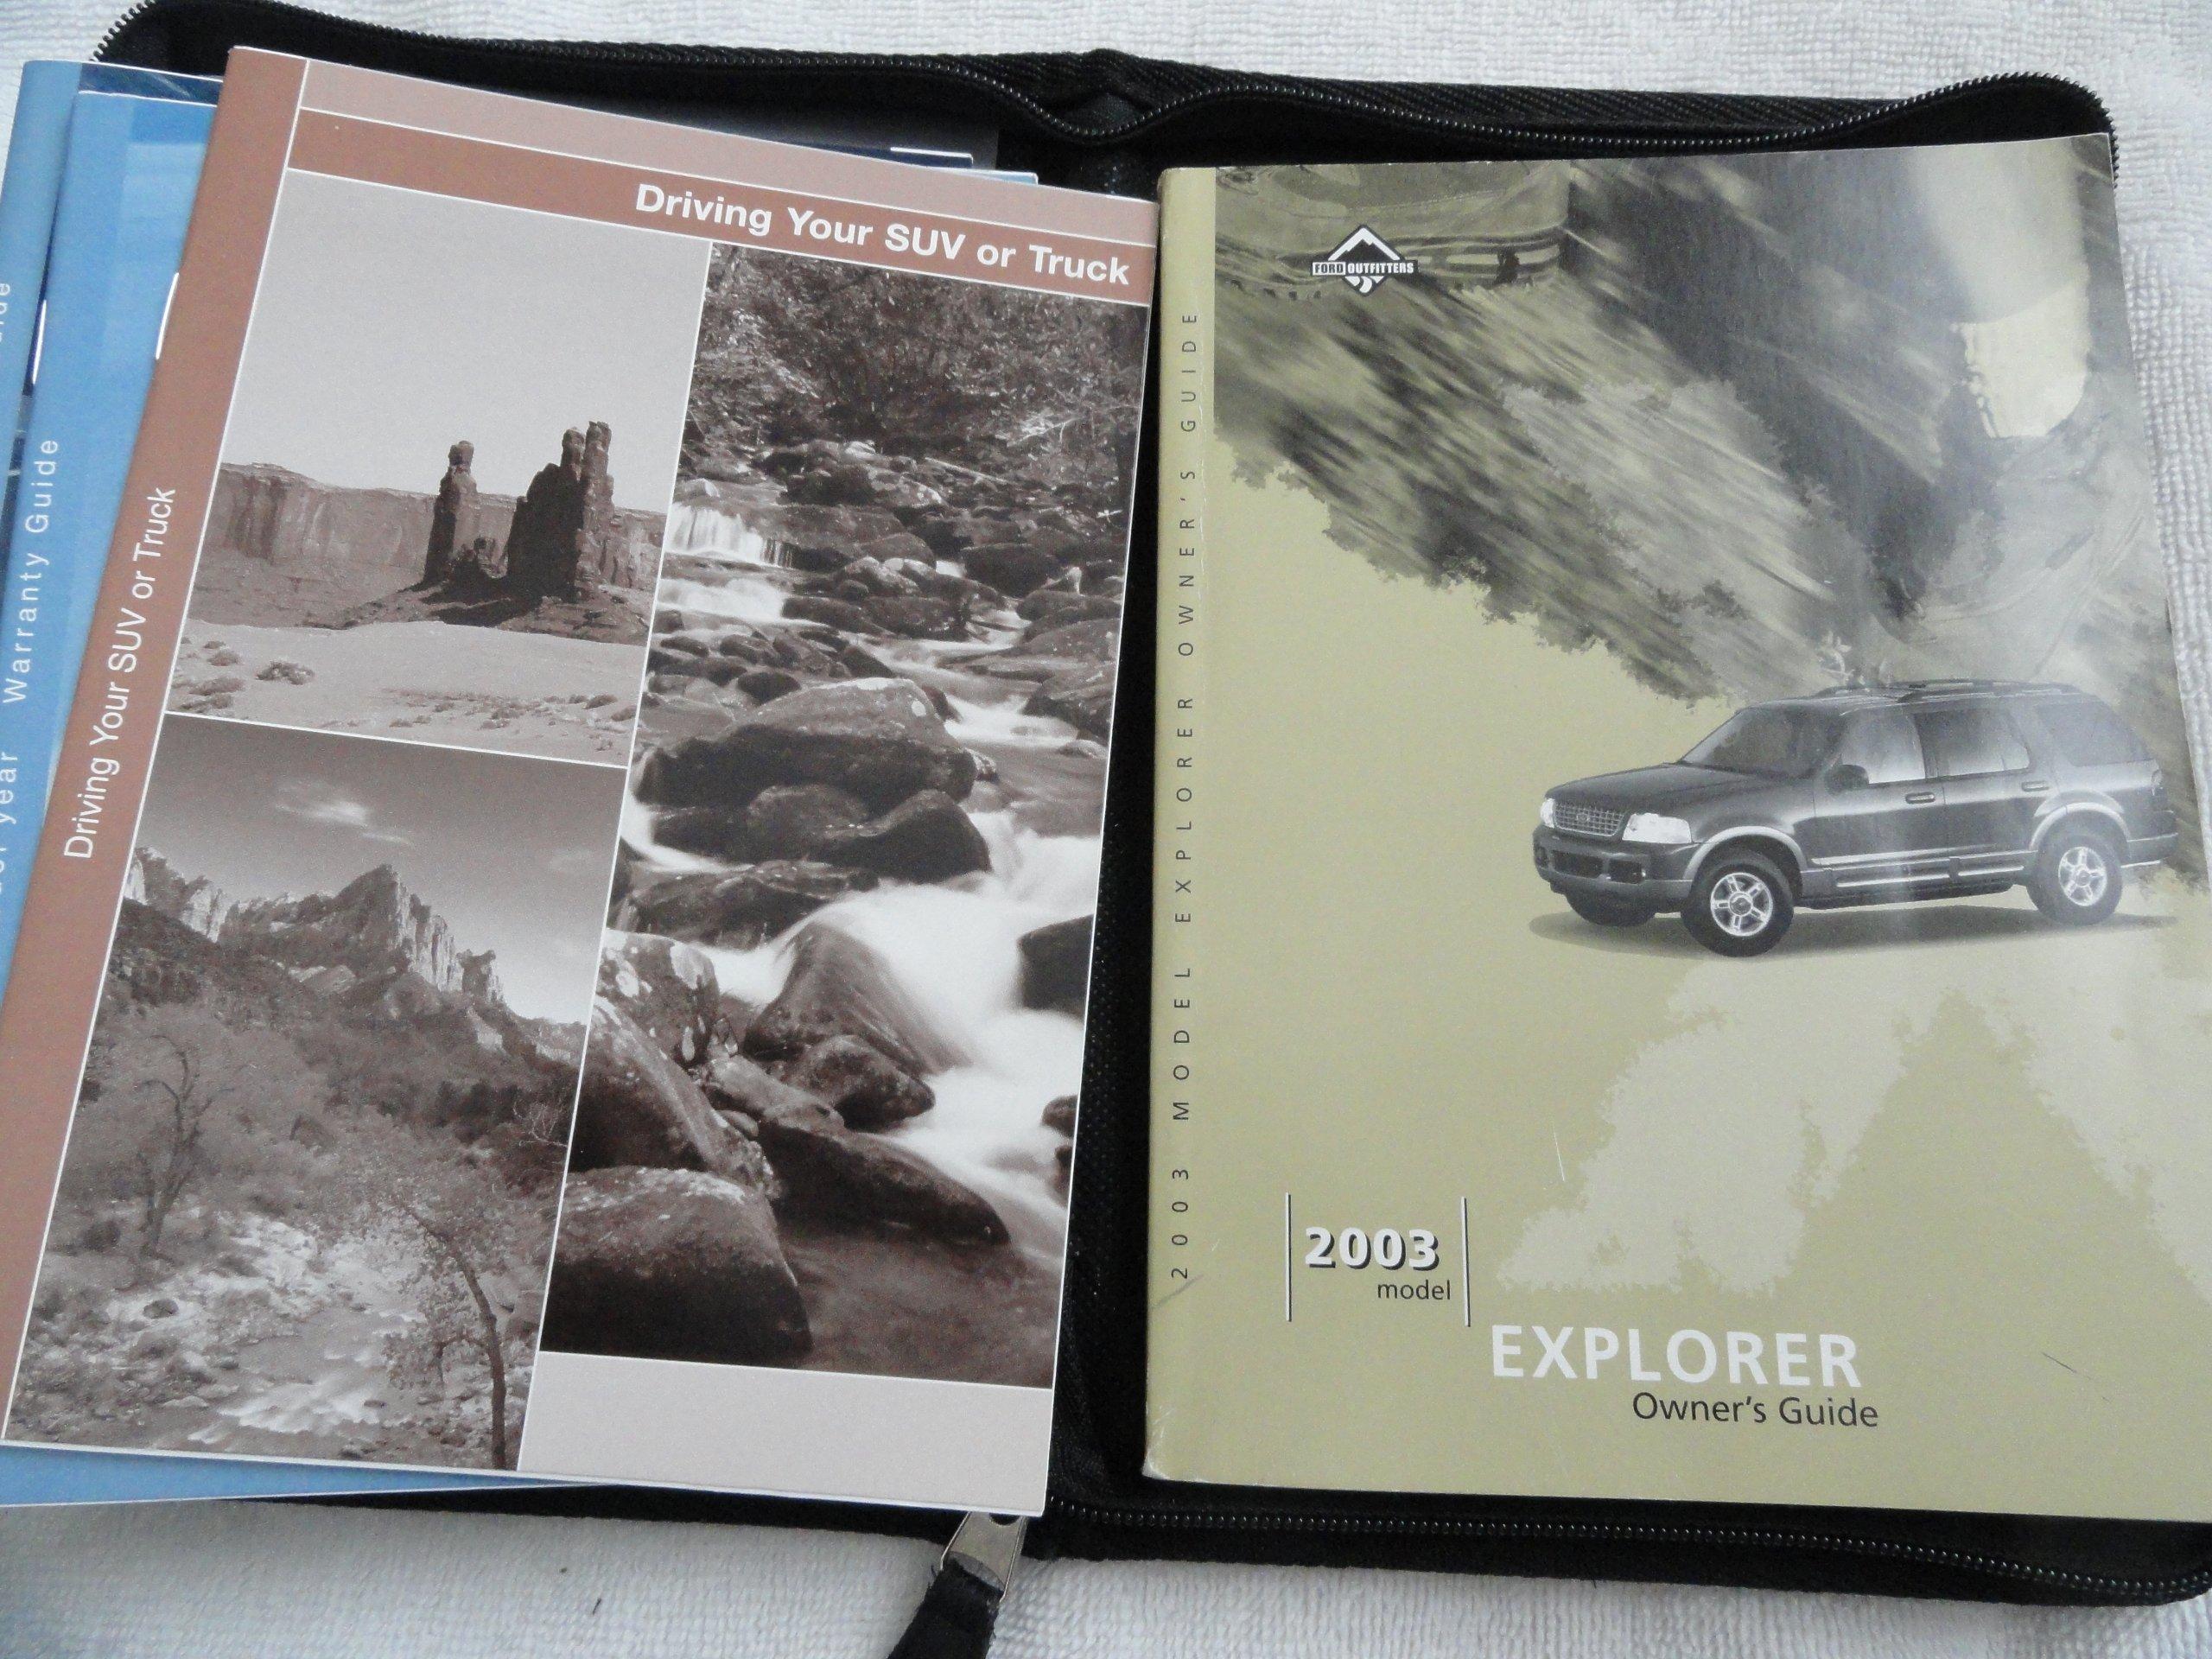 2003 explorer v8 review